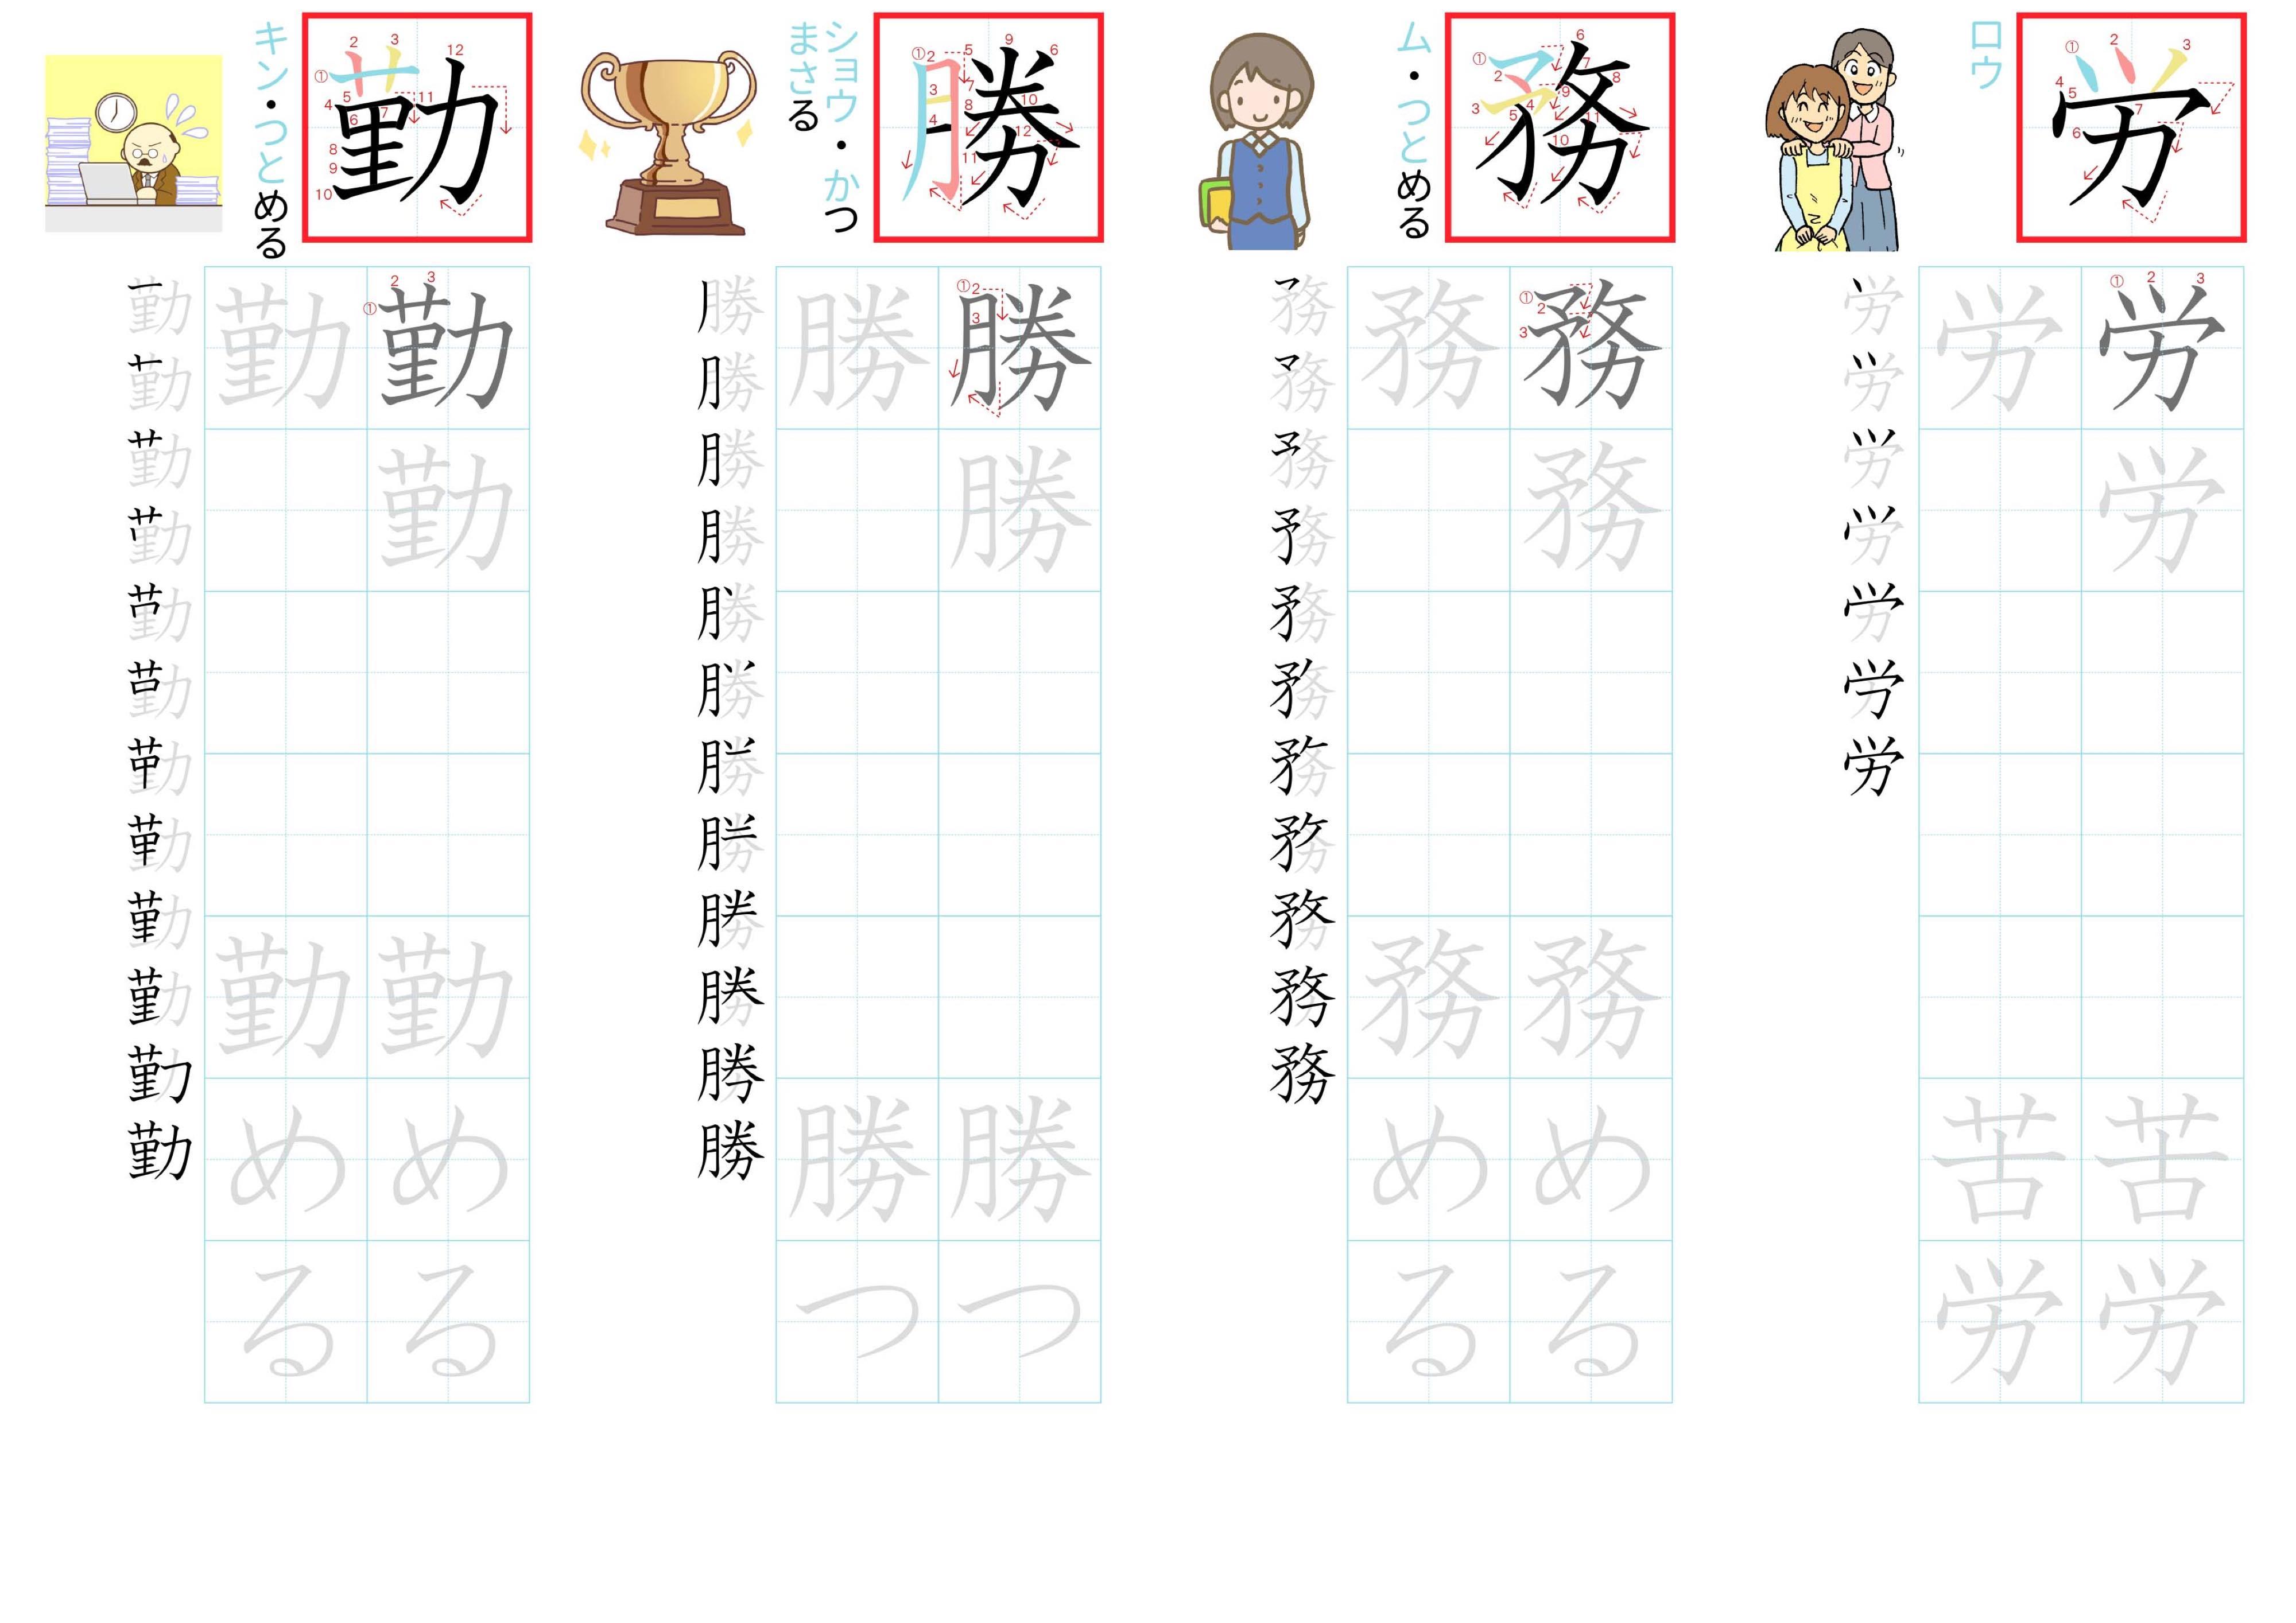 kanji-practice-card-n3-japanese-075